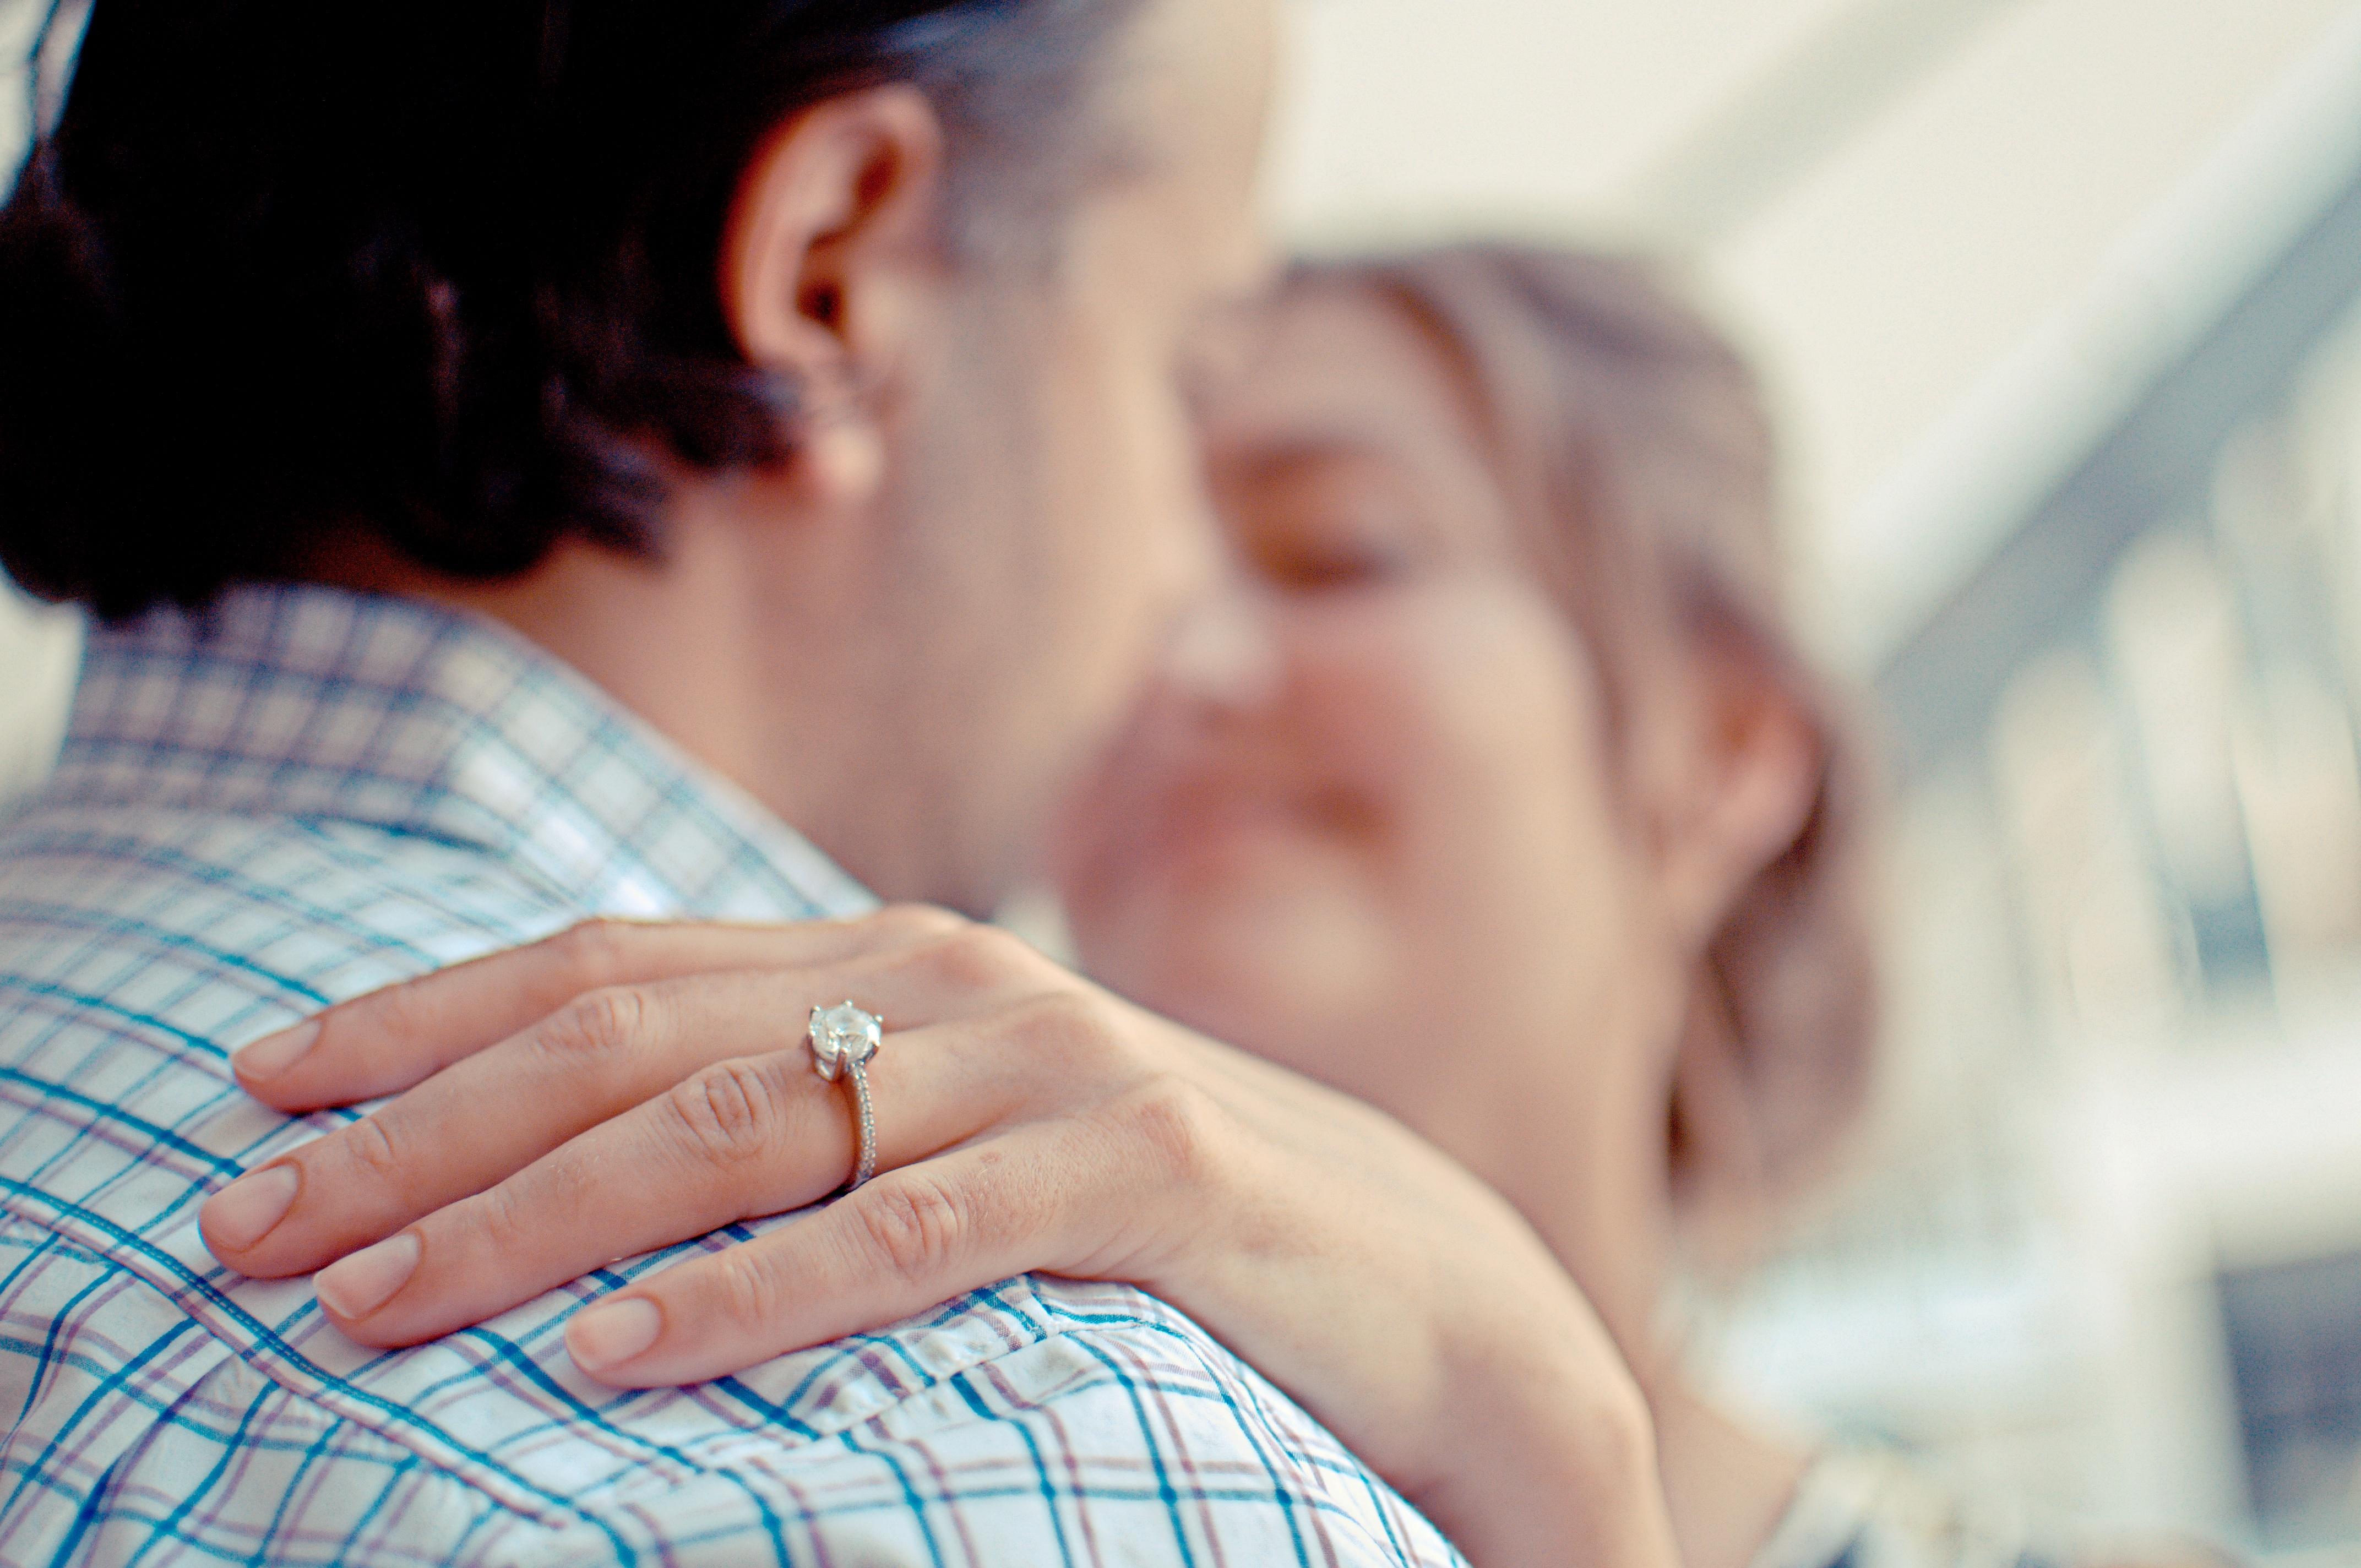 Woman embraces a man wearing a diamond ring